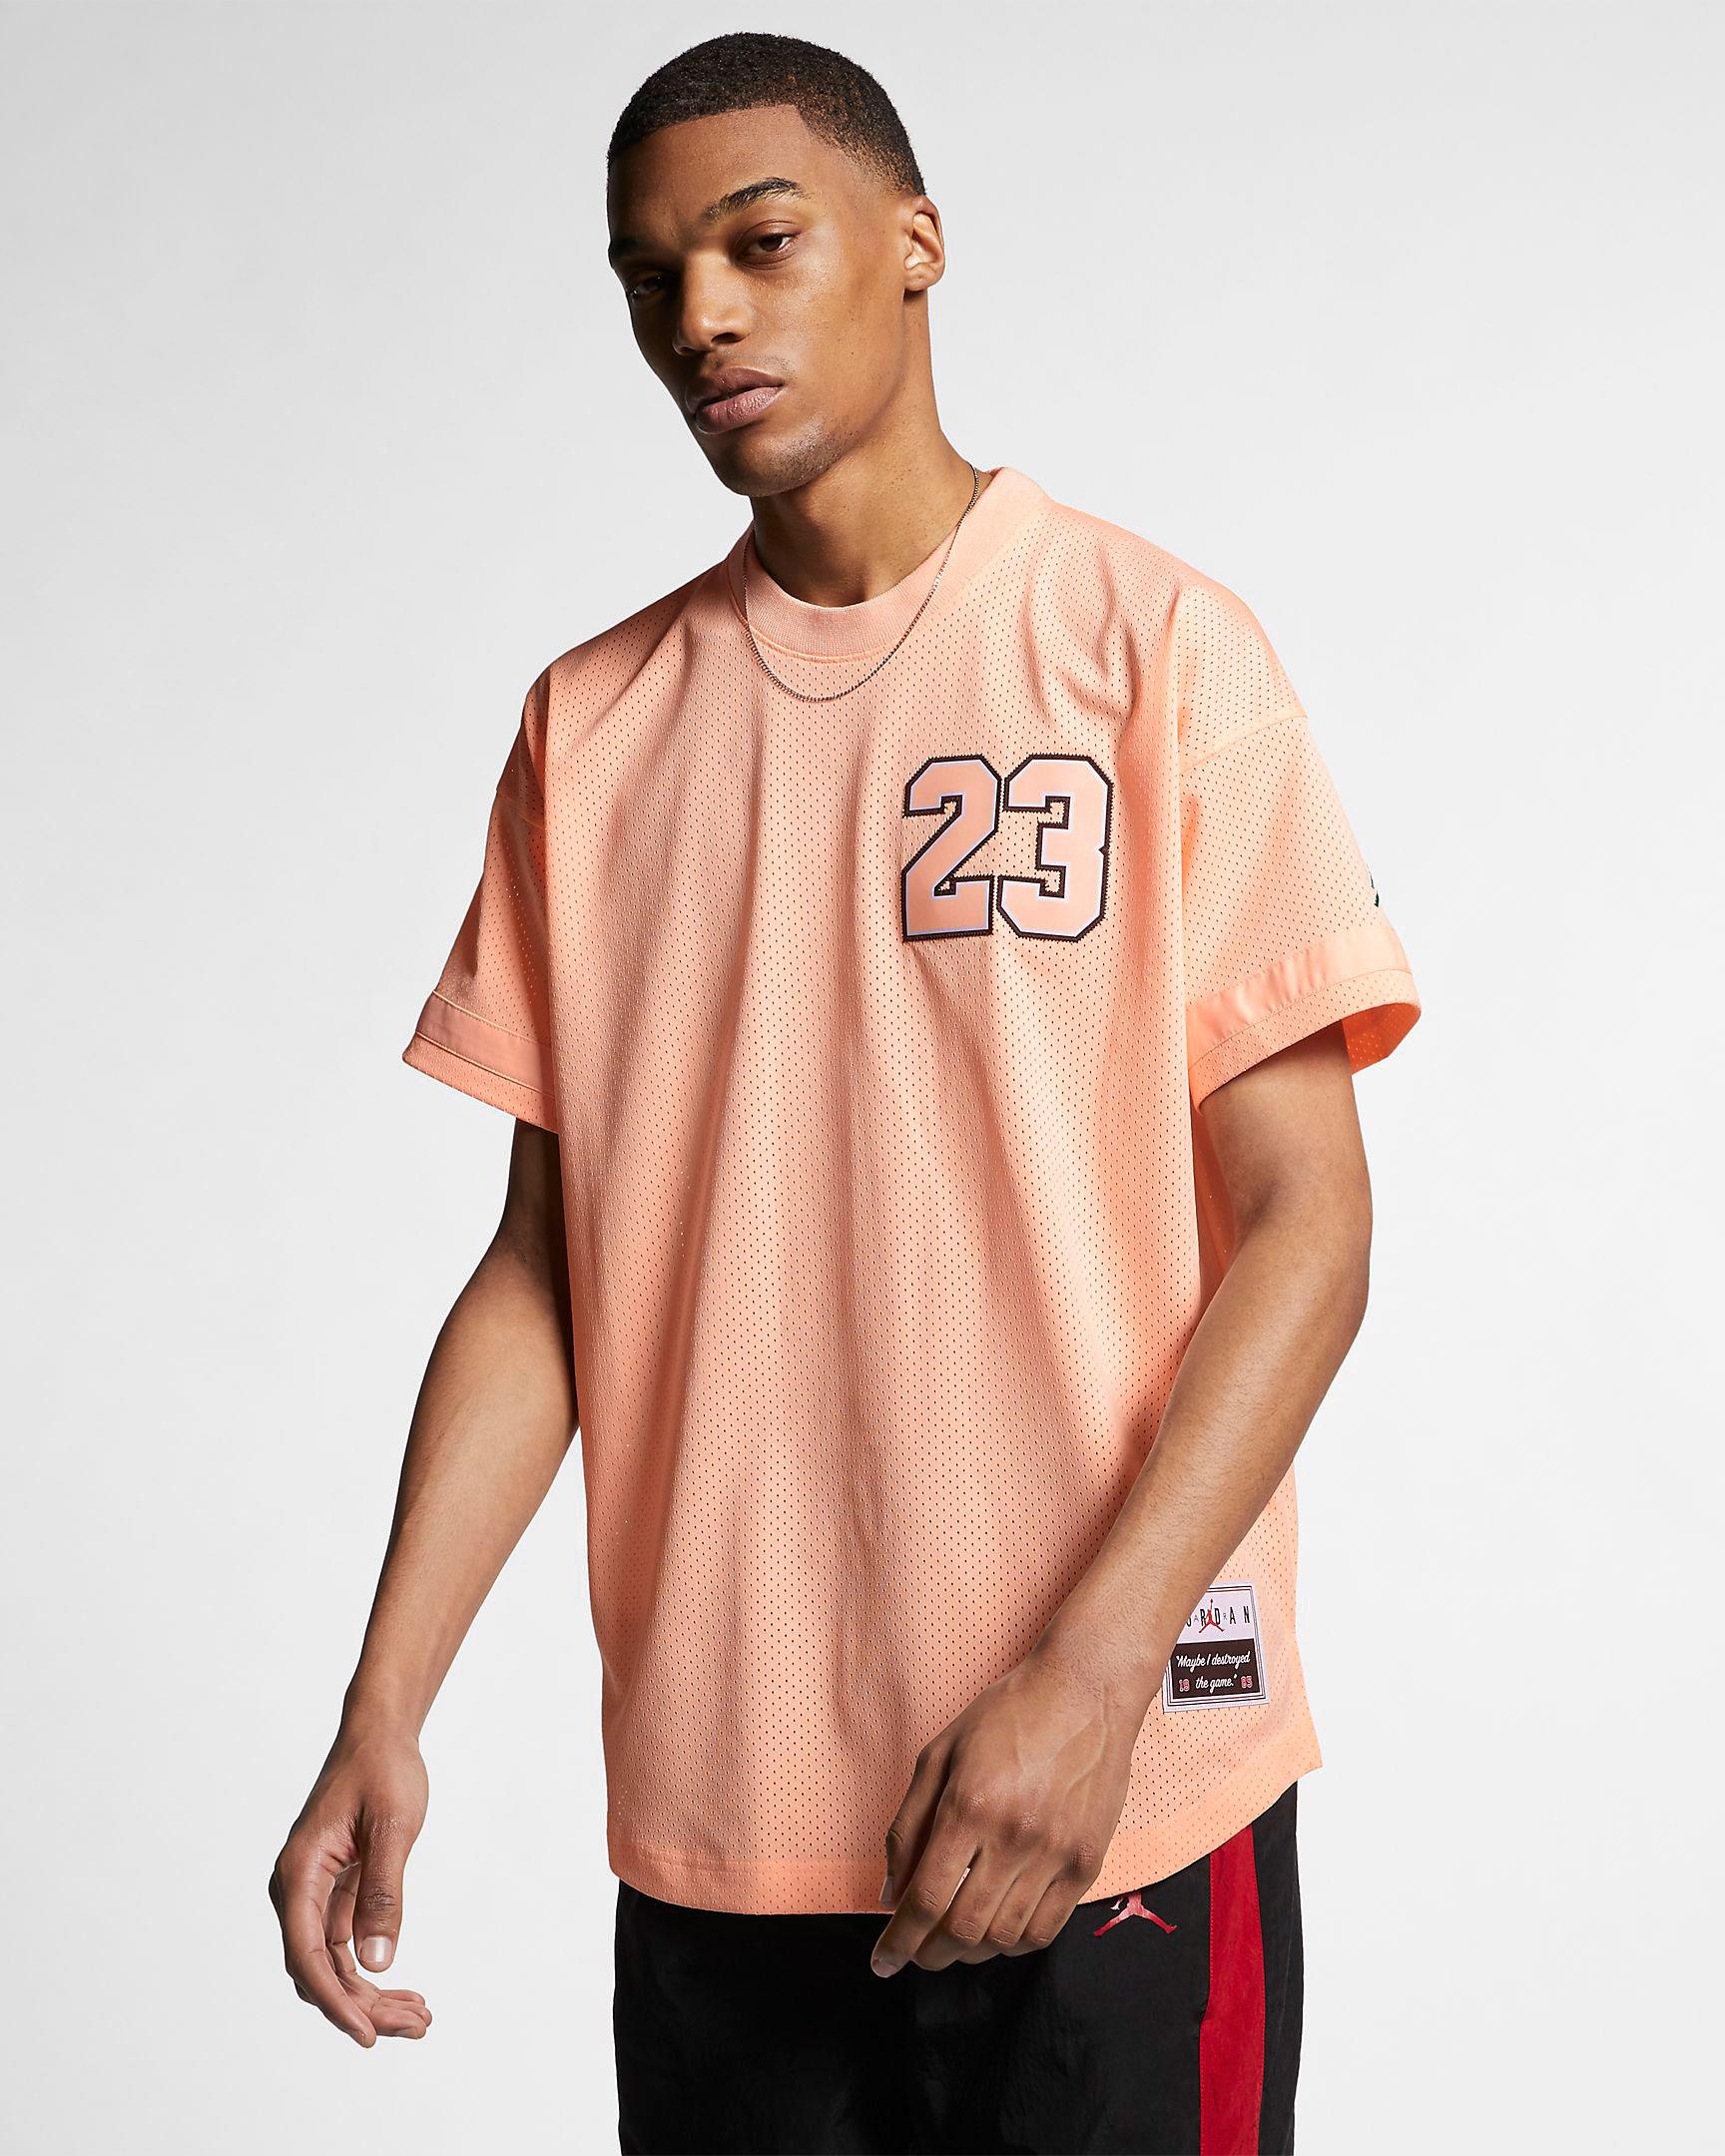 jordan-1-crimson-tint-jersey-shirt-1